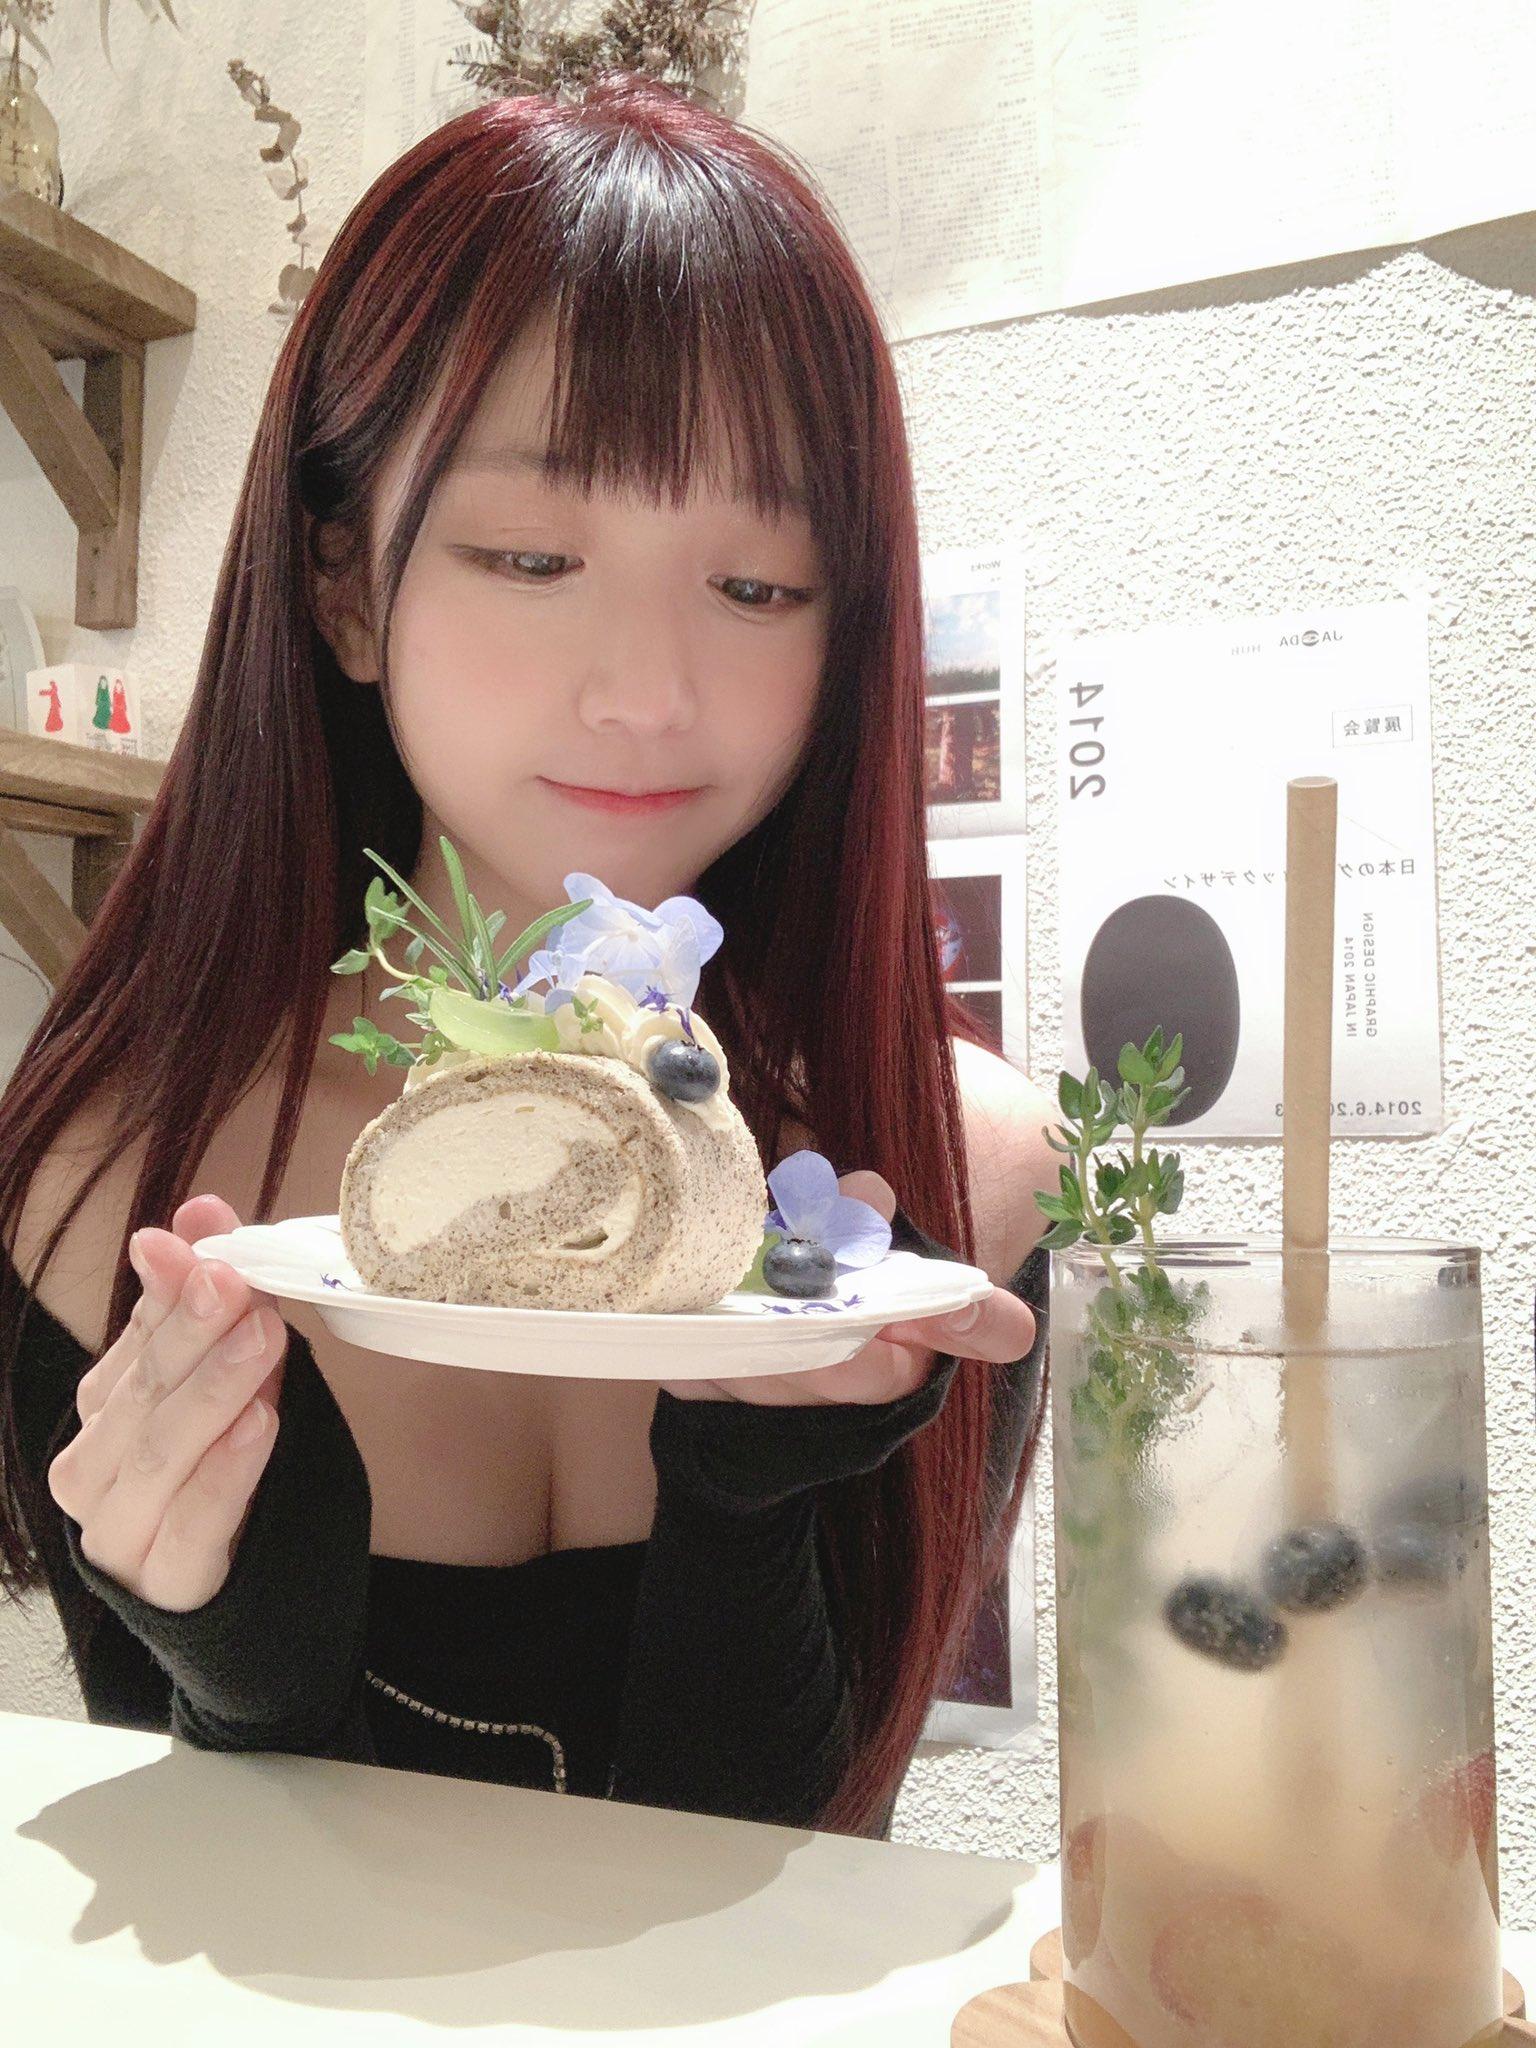 美少女吃蛋糕 真的很好吃!好吃!》